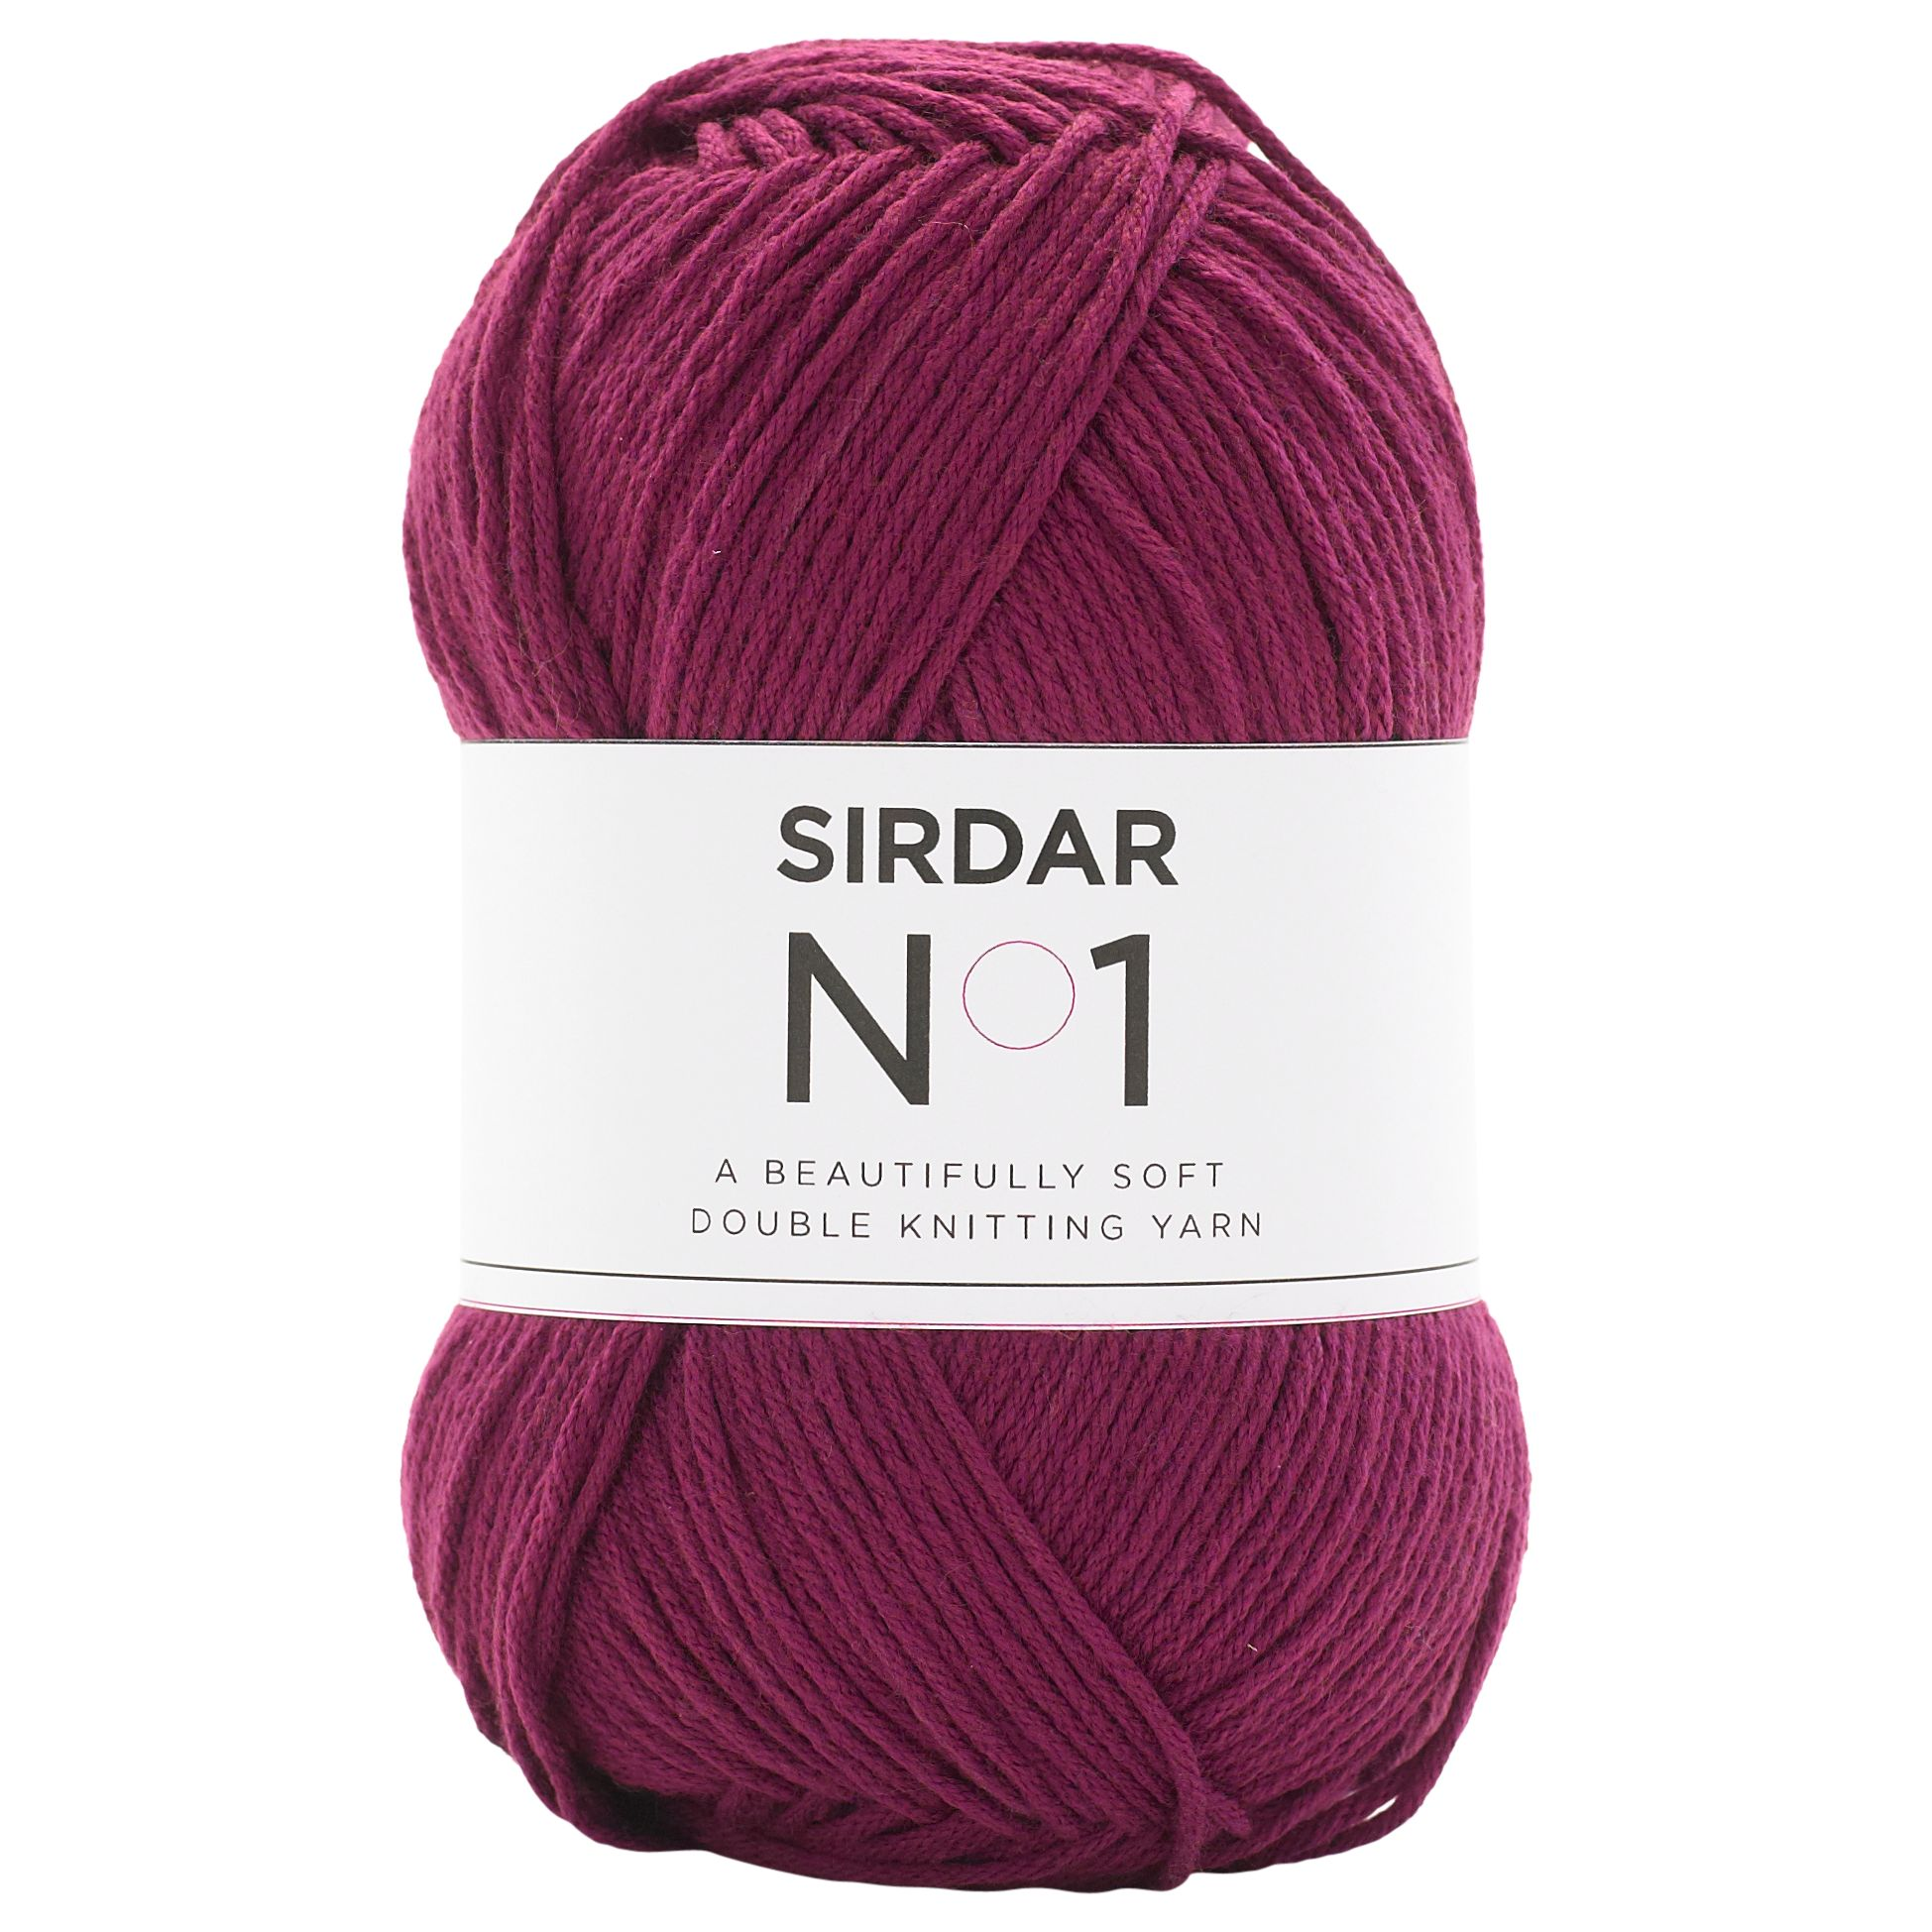 Sirdar Sirdar No. 1 DK Knitting Yarn, 100g